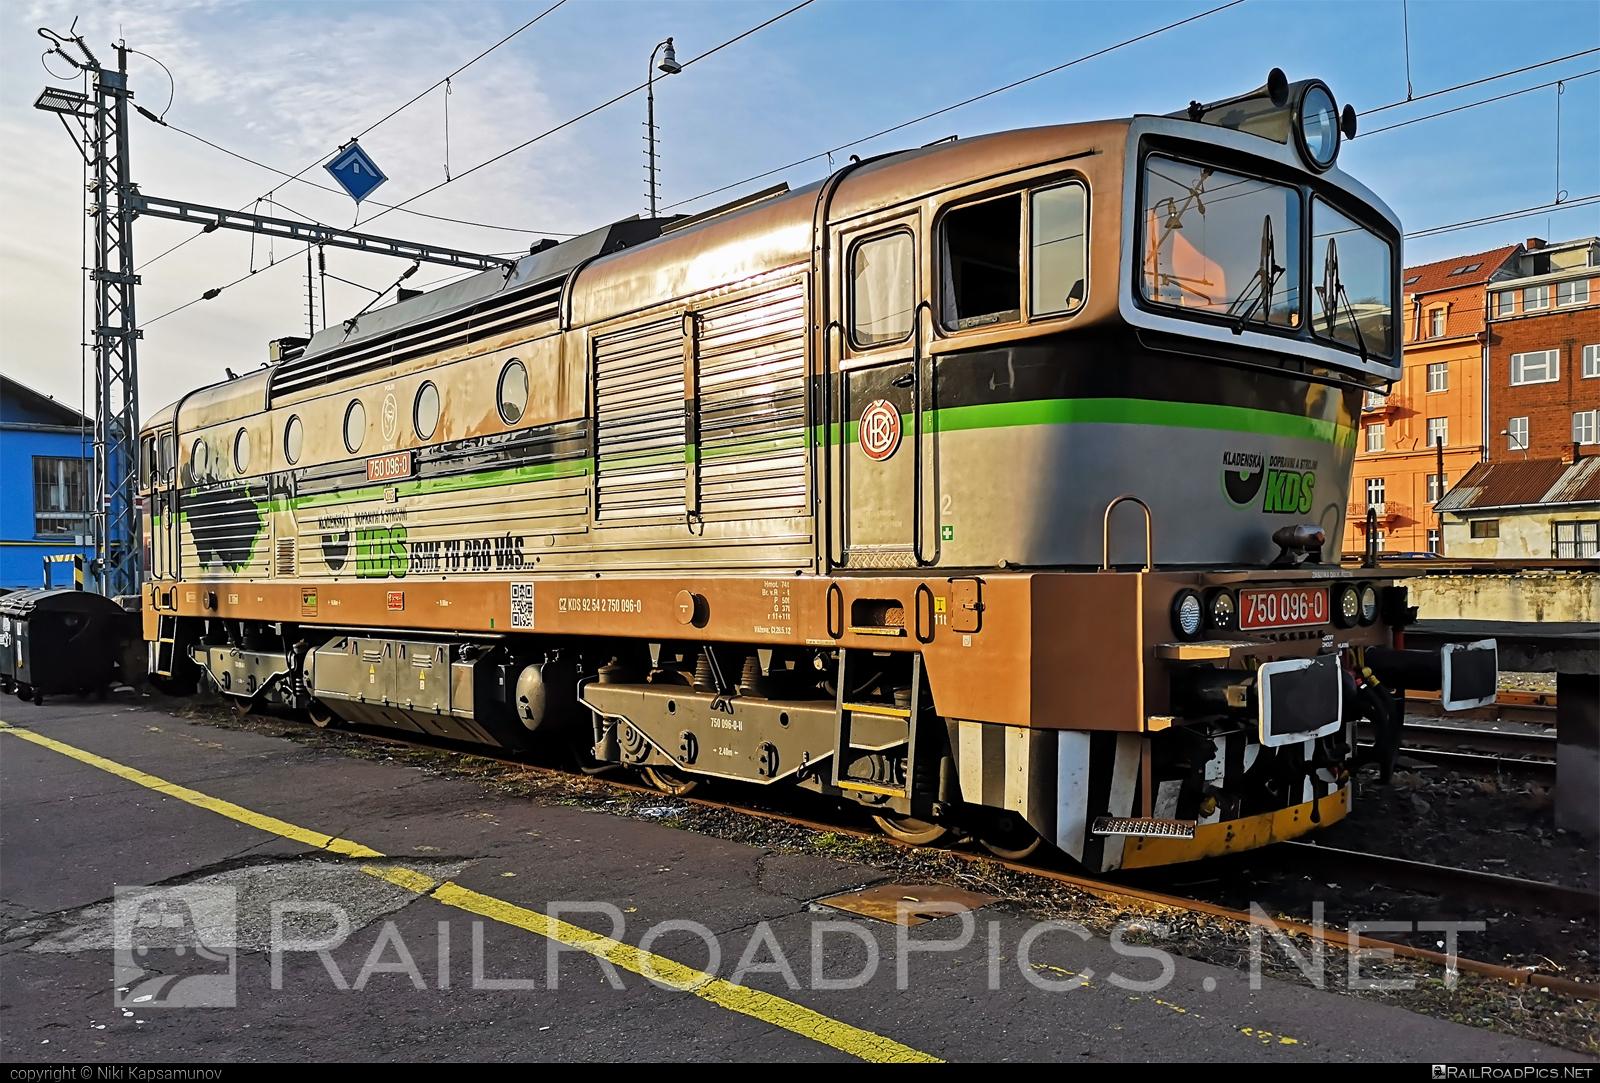 ČKD T 478.3 (753) - 750 096-0 operated by Kladenská dopravní a strojní s.r.o. #brejlovec #ckd #ckdclass753 #ckdt4783 #kds #locomotive753 #okuliarnik